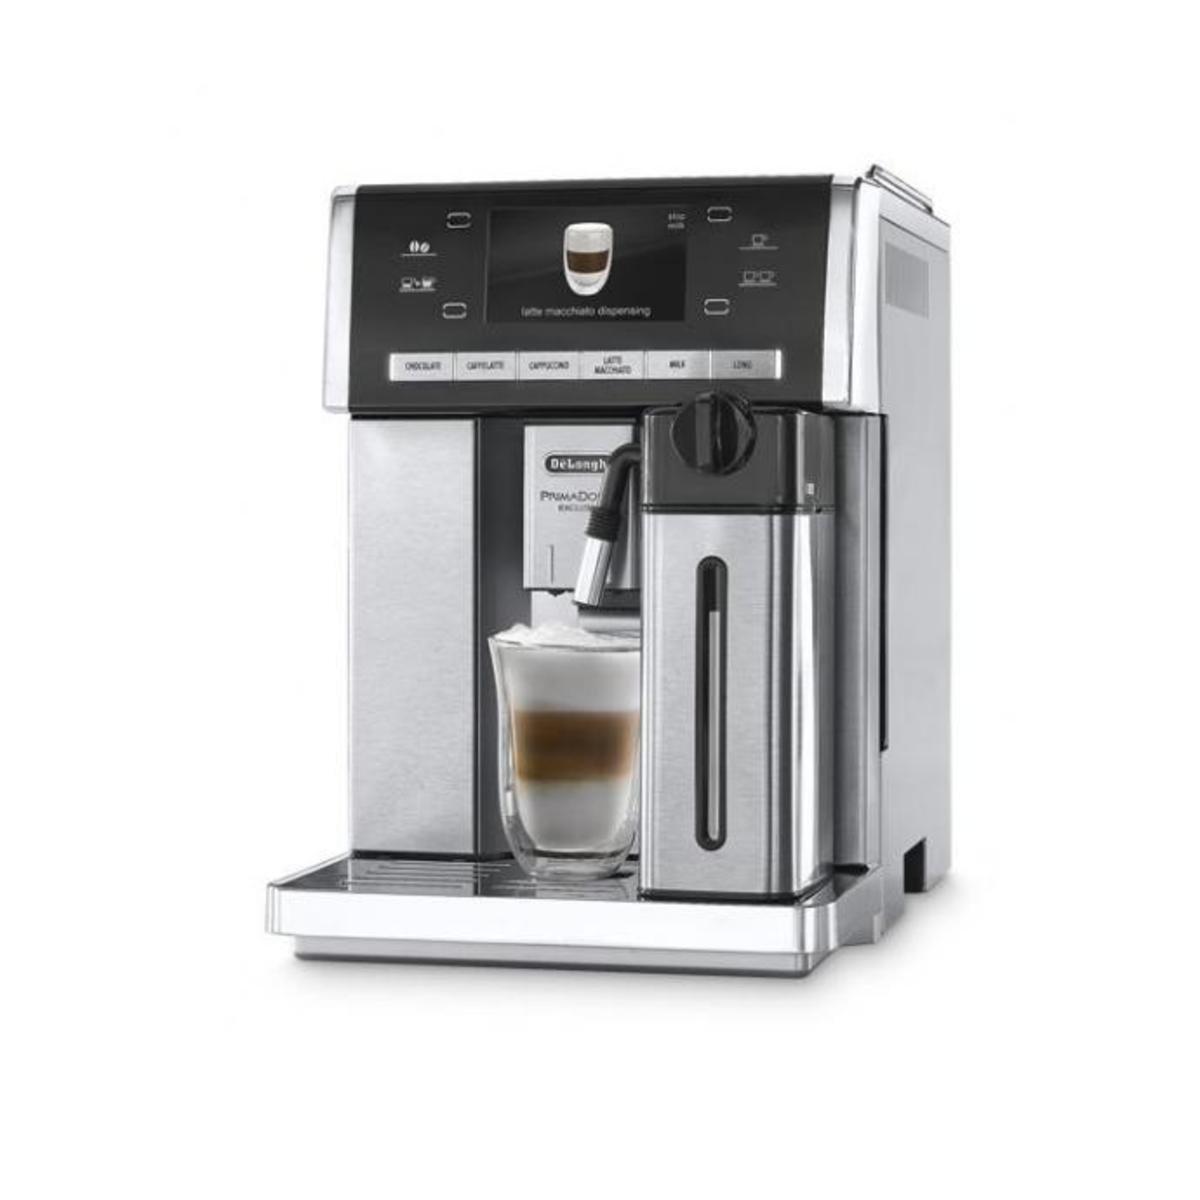 意大利全自動咖啡機, ESAM6900